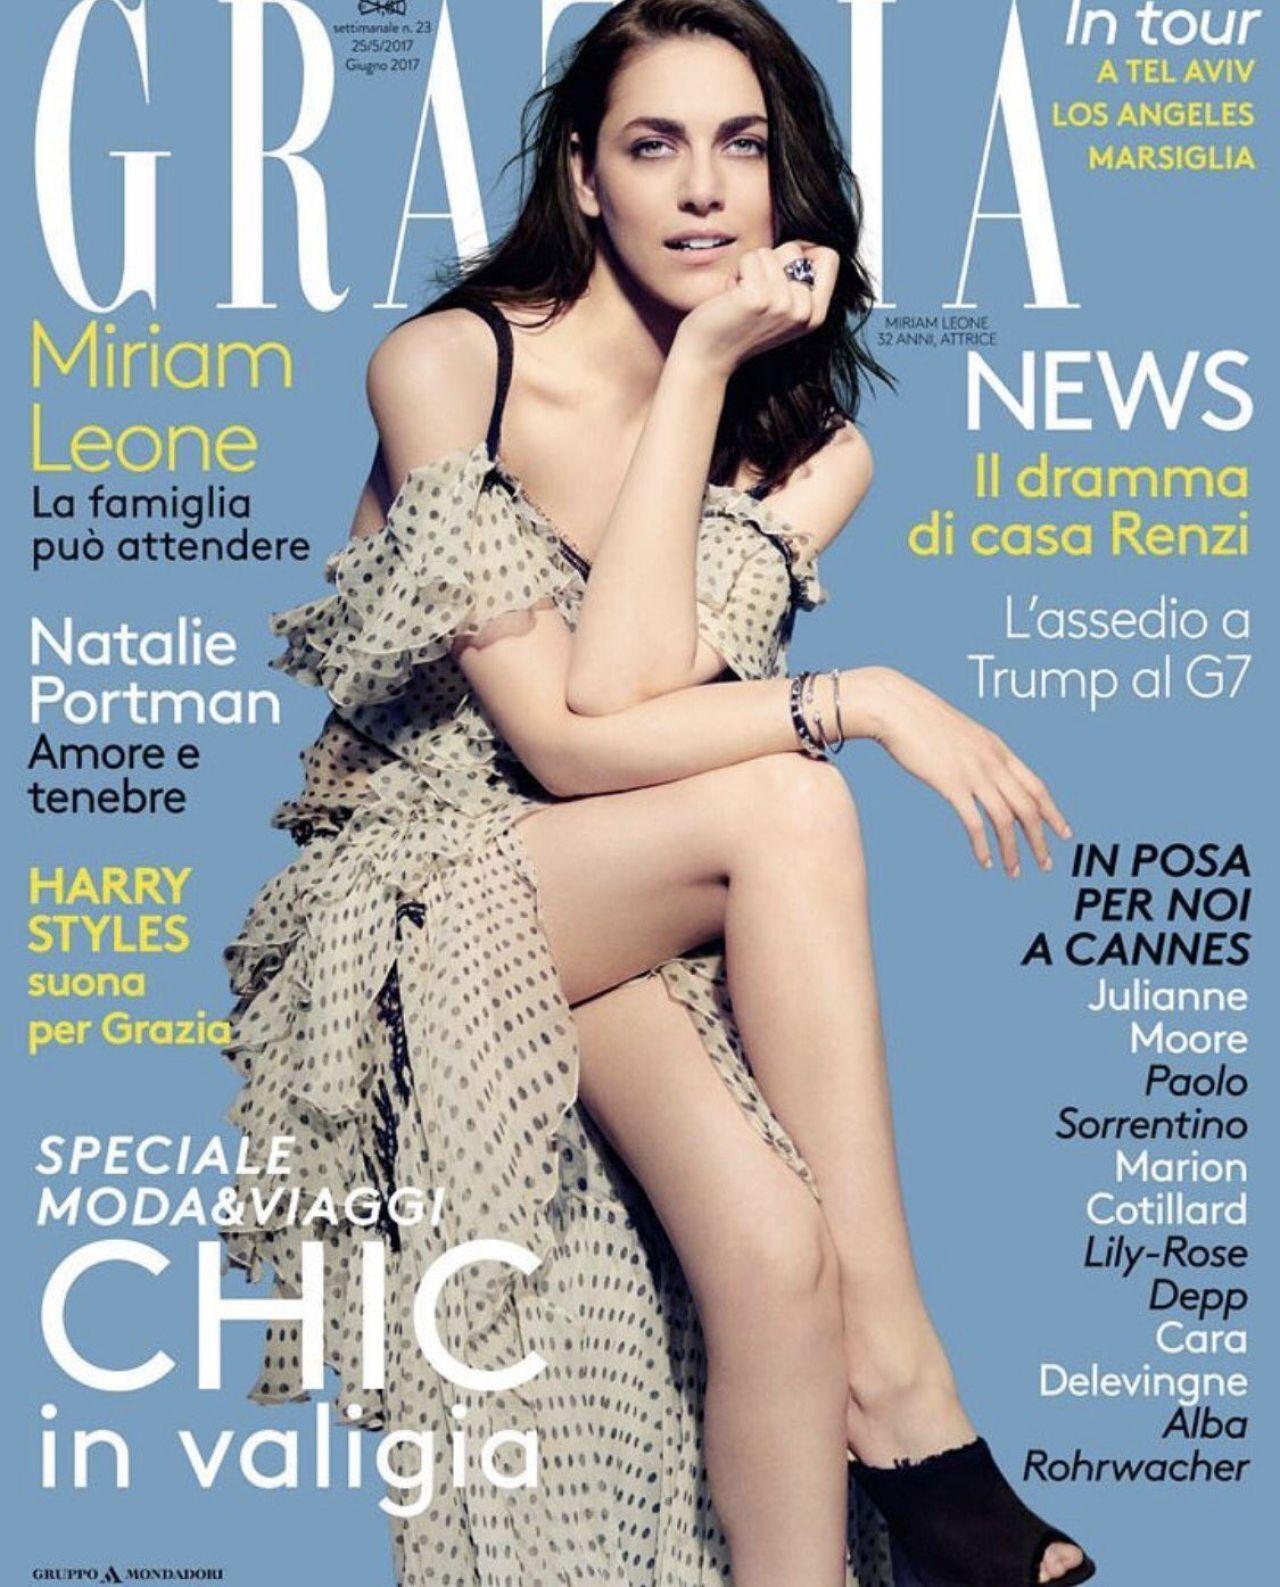 Miriam Leone - Grazia Magazine Italy June 2017 Cover